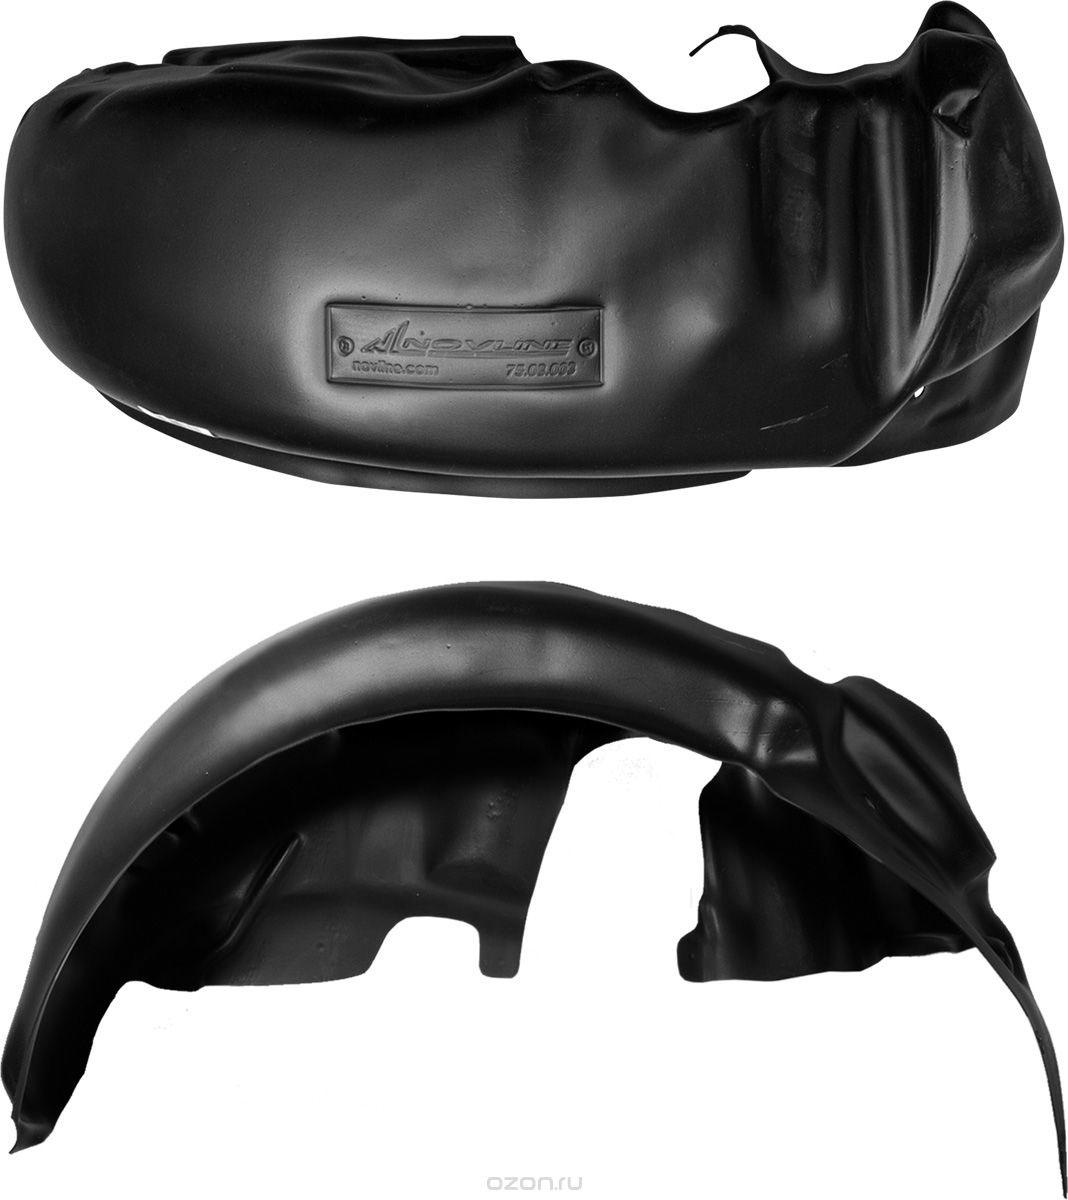 Подкрылок Novline-Autofamily, для Nissan Qashqai+2, 2008-2013, задний правыйNLL.36.24.004Идеальная защита колесной ниши. Локеры разработаны с применением цифровых технологий, гарантируют максимальную повторяемость поверхности арки. Изделия устанавливаются без нарушения лакокрасочного покрытия автомобиля, каждый подкрылок комплектуется крепежом. Уважаемые клиенты, обращаем ваше внимание, что фотографии на подкрылки универсальные и не отражают реальную форму изделия. При этом само изделие идет точно под размер указанного автомобиля.